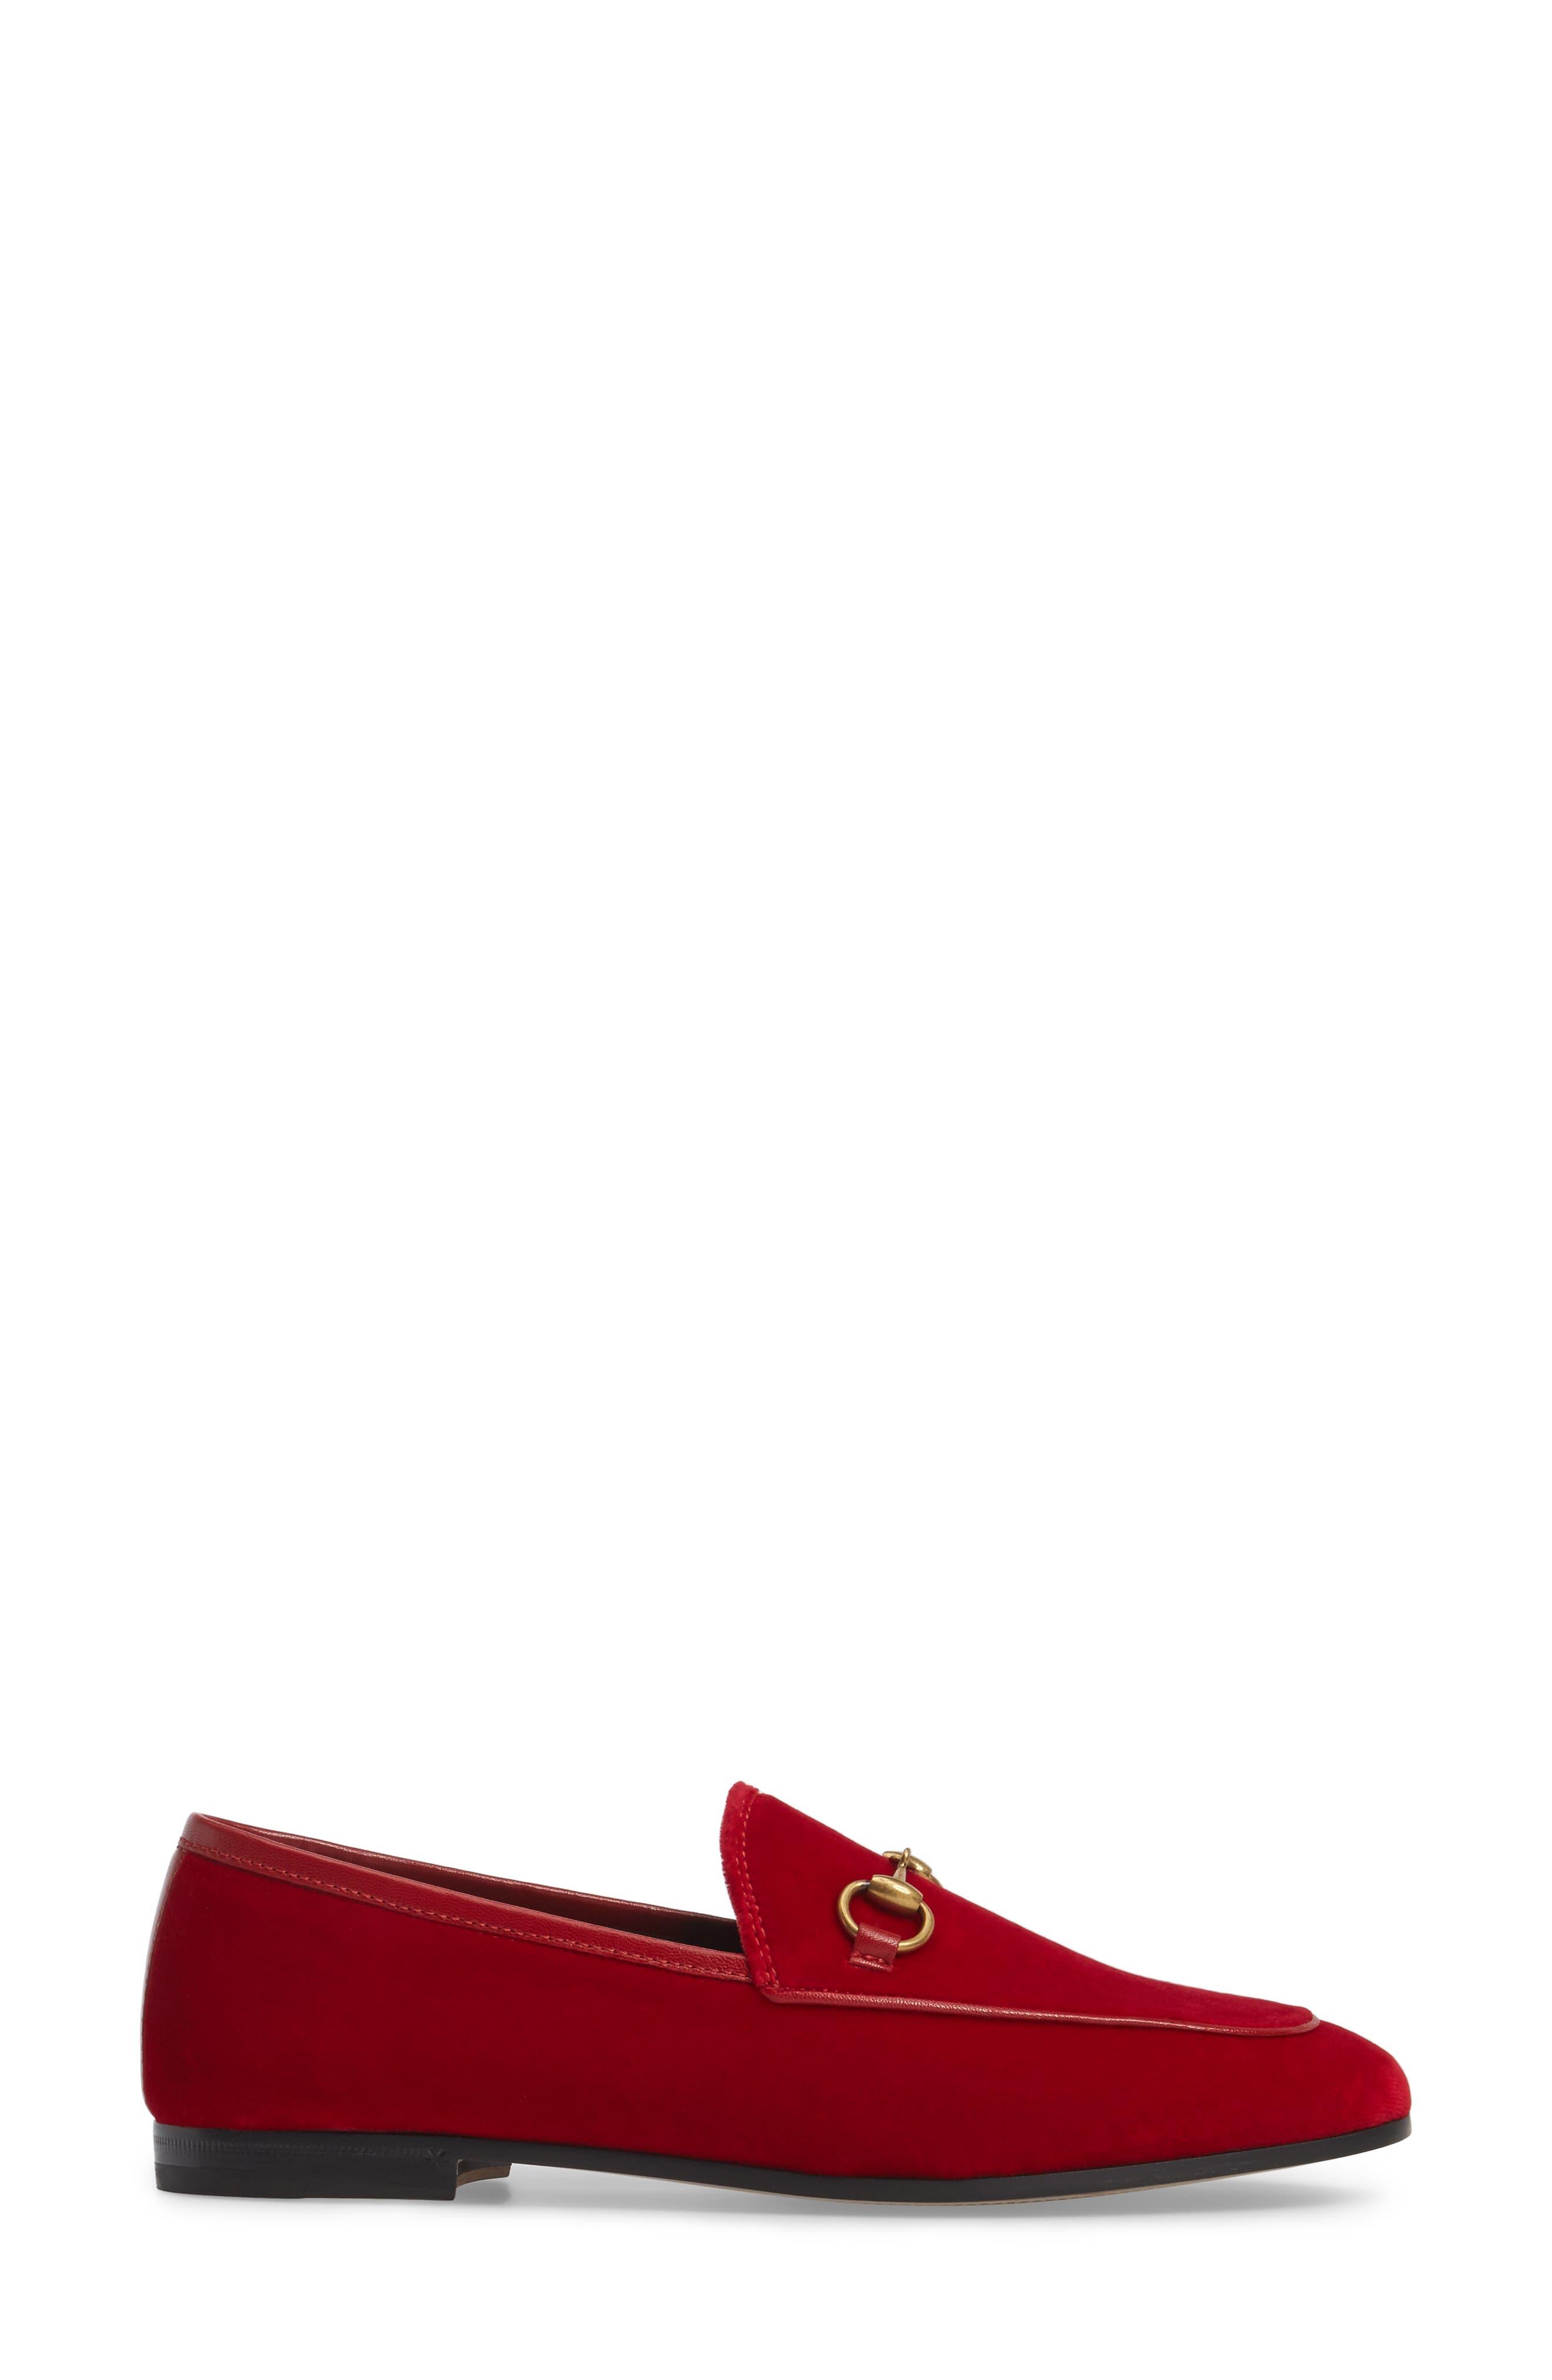 Alternate Image 3  - Gucci Brixton Velvet Loafer (Women)